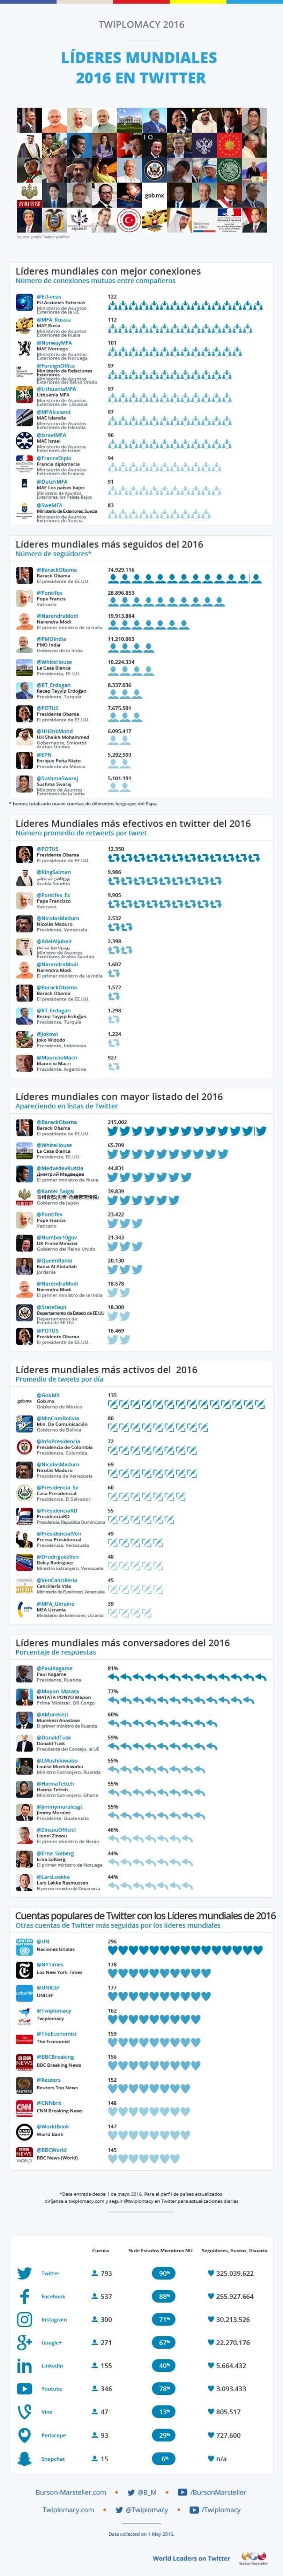 Infografía Twiplomacy 2016 - Líderes mundiales 2016 en Twitter.